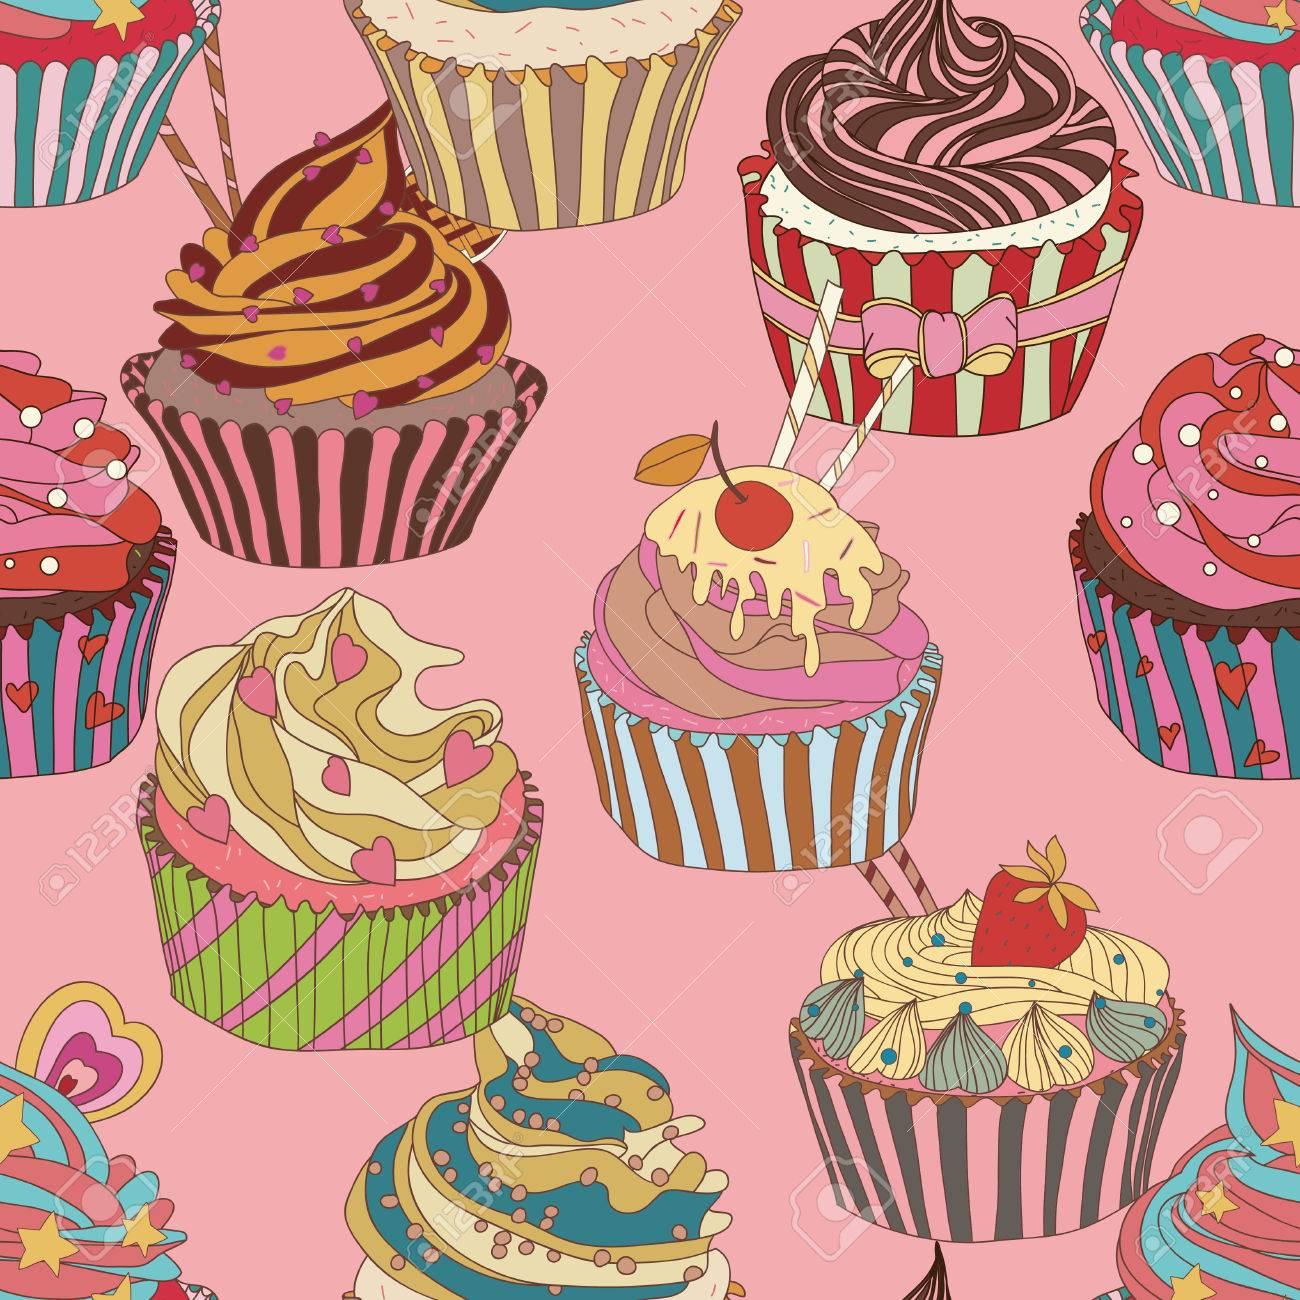 kuchen muster nahtlose se nahrung textur verwenden sie als musterfllung standard bild - Kuchen Muster